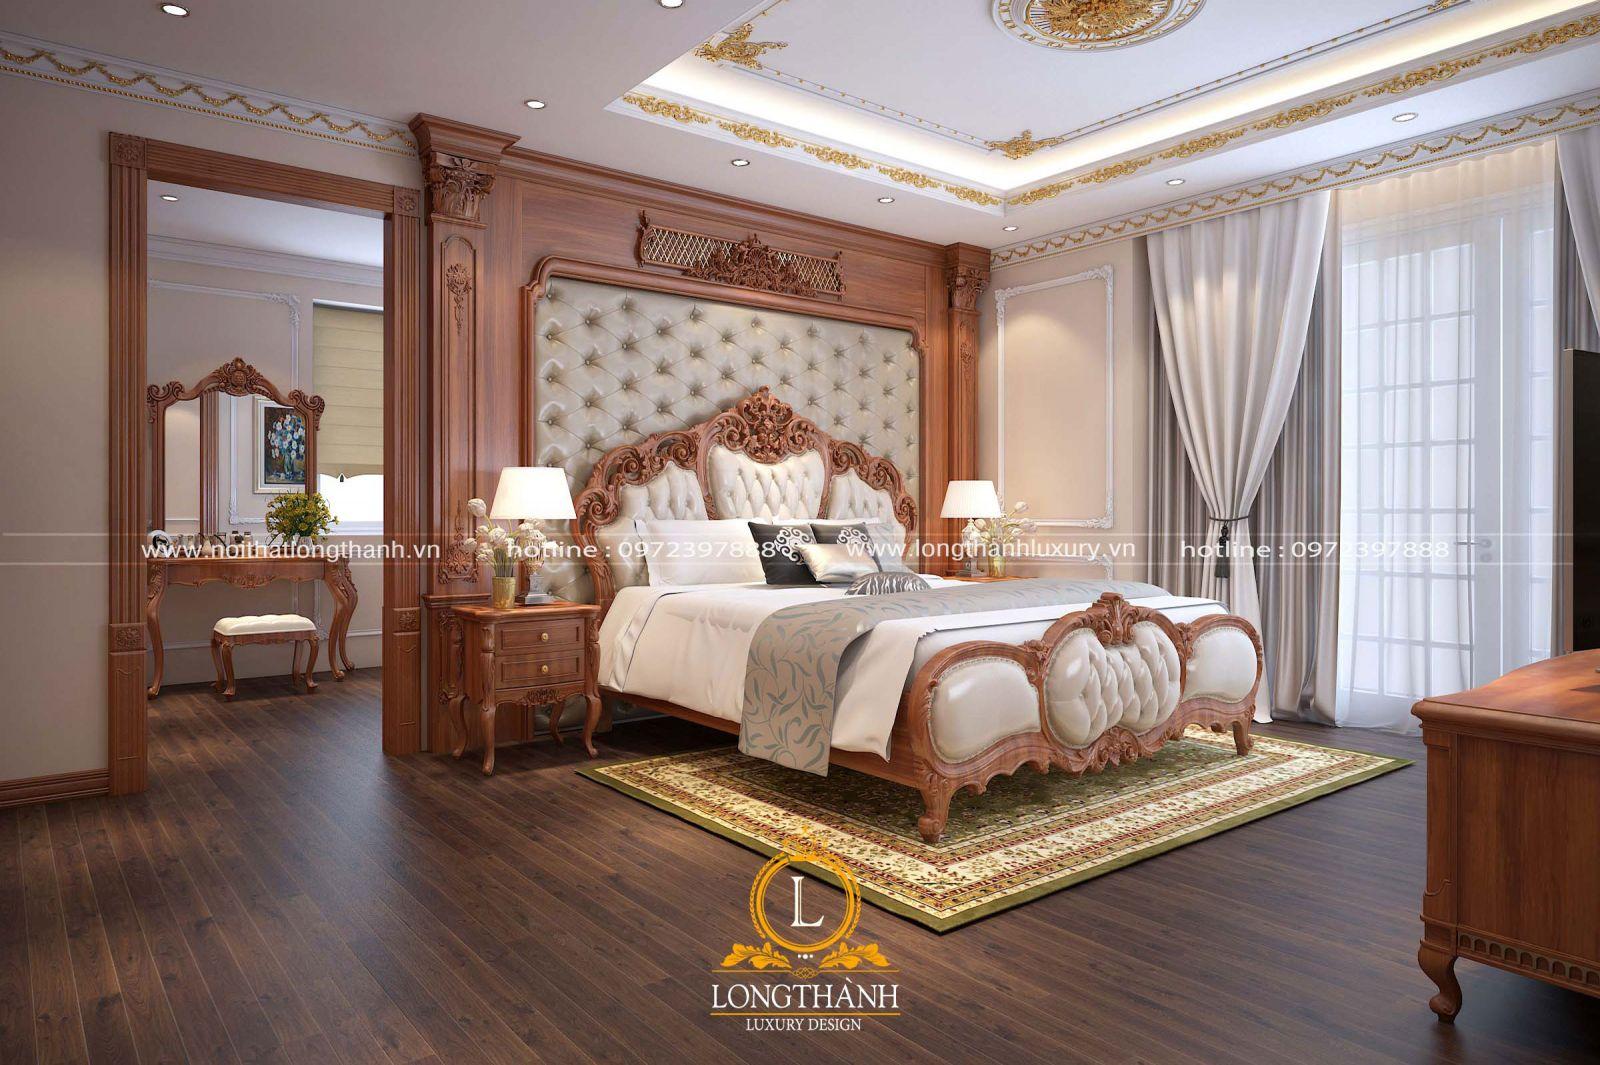 Thiết kế nội thất tân cổ điển áp dụng cho mọi không gian nhà khác nhau